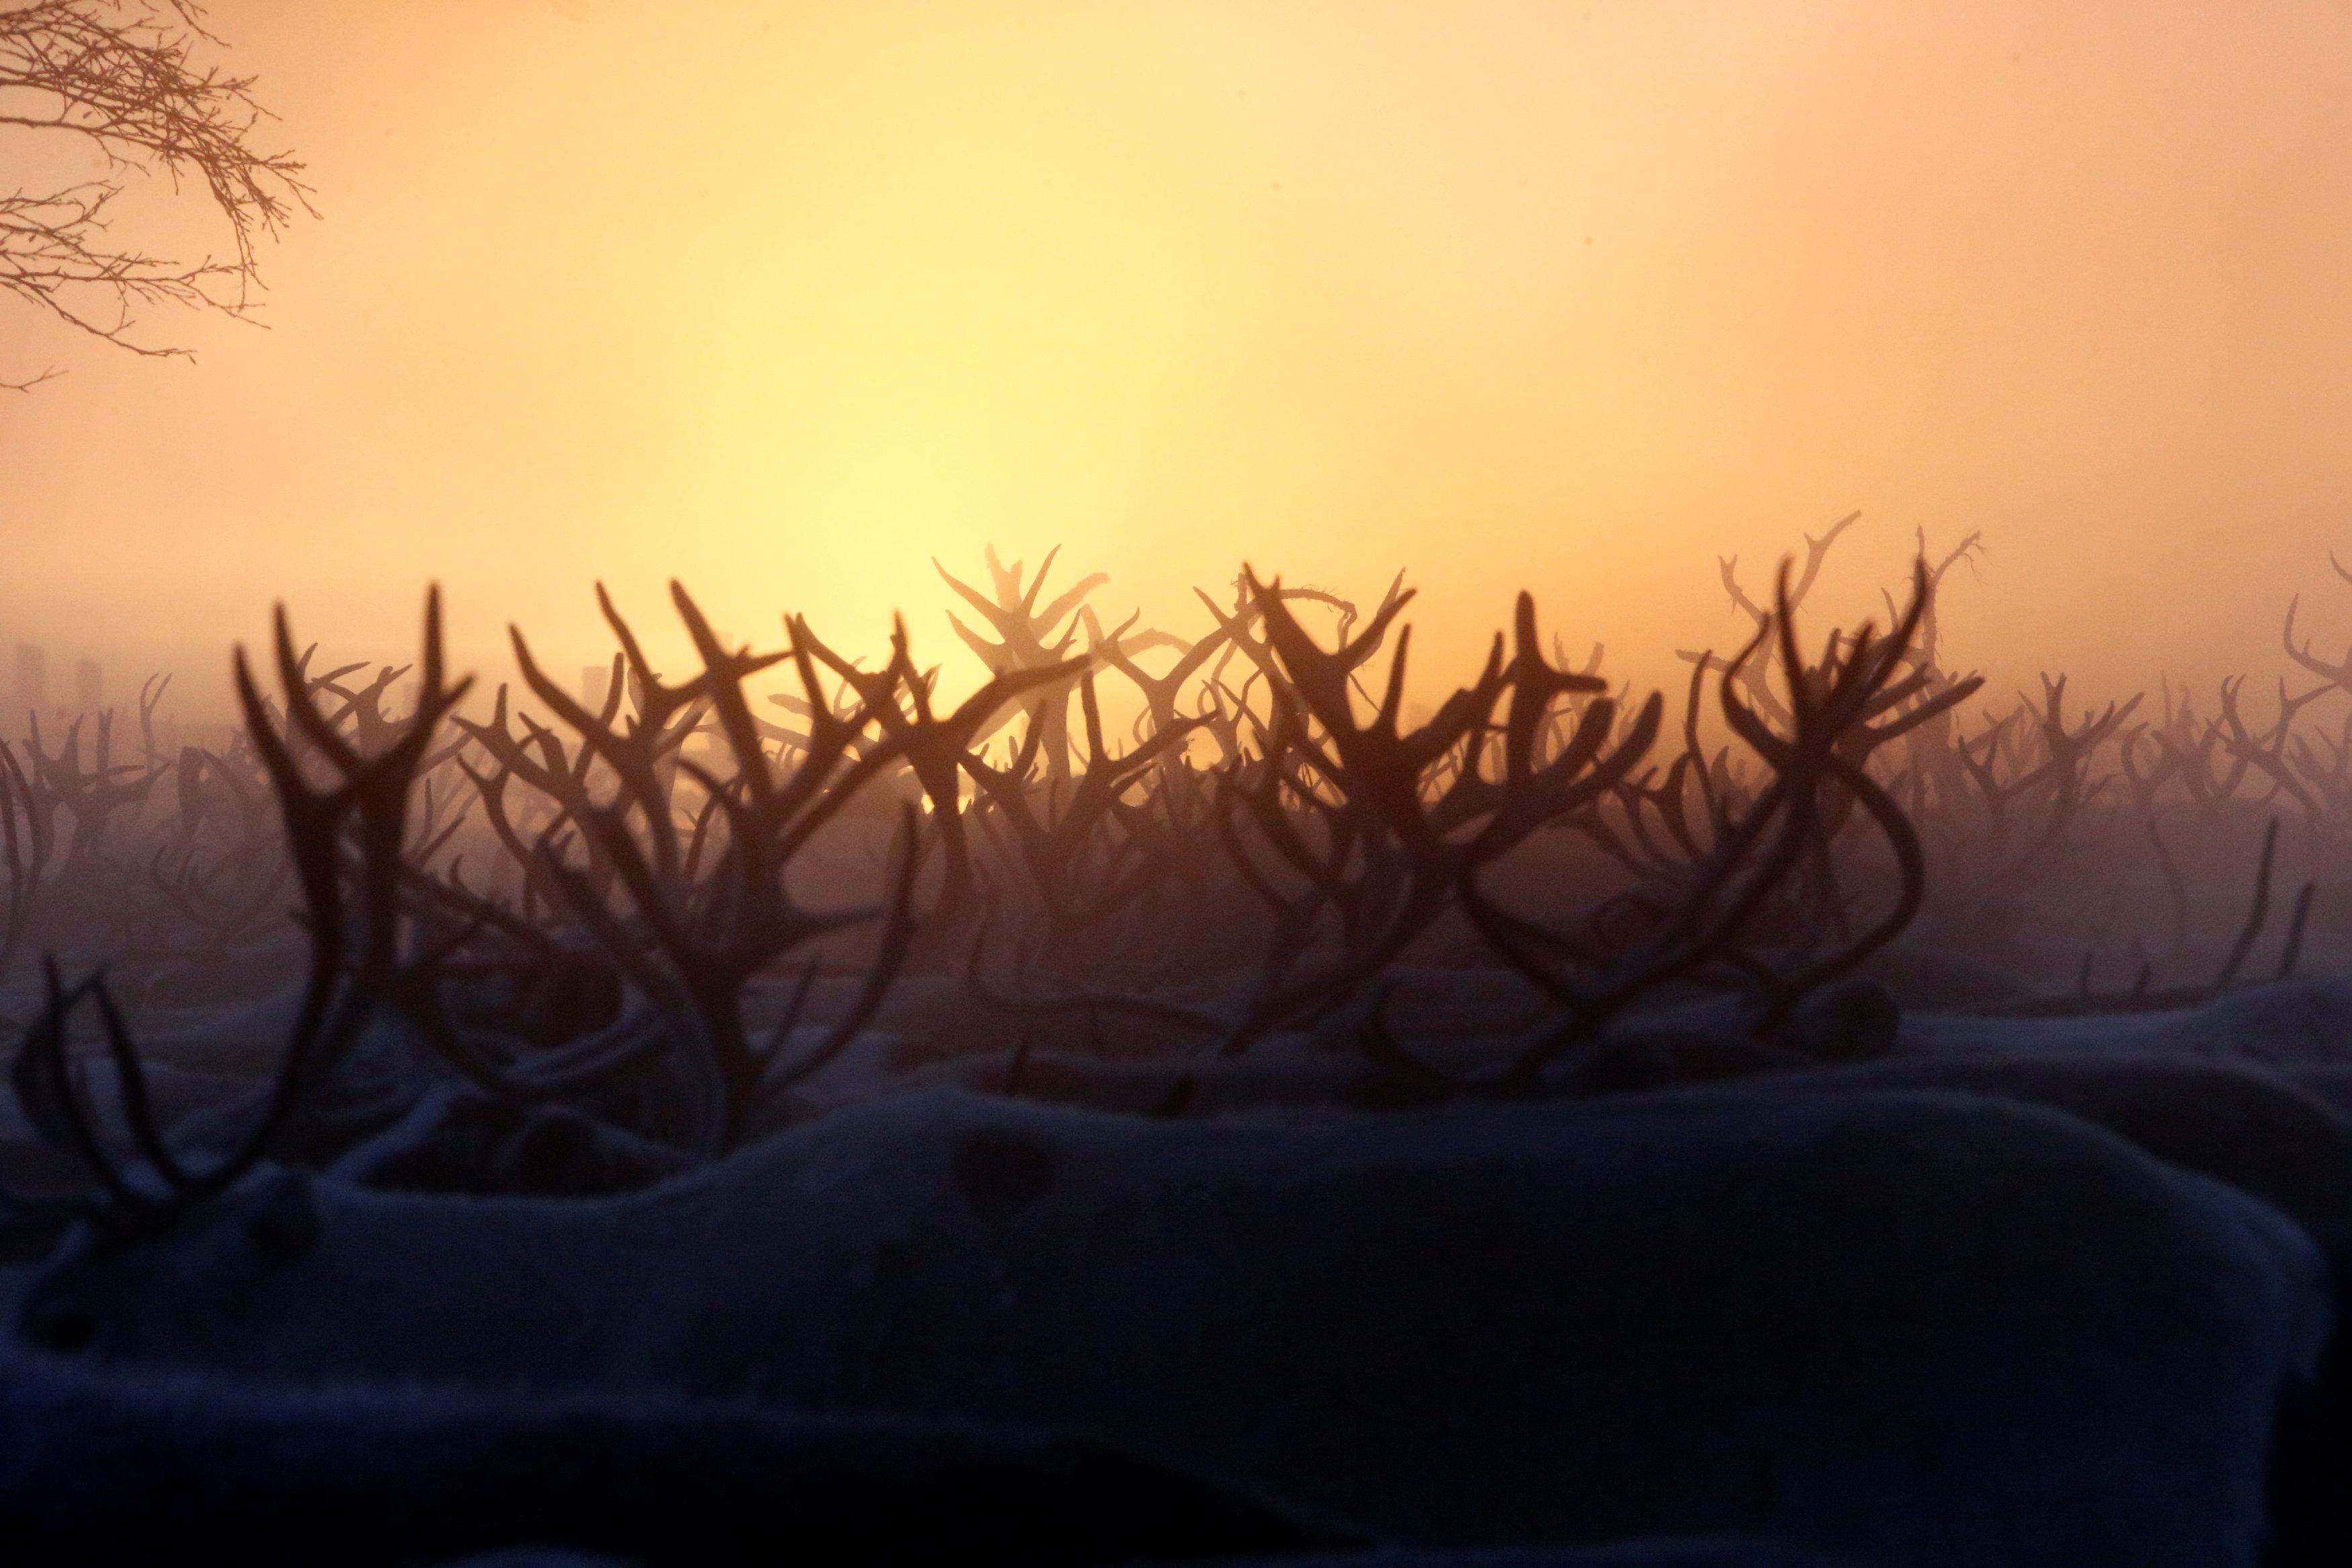 Photos: Reindeer herding in Russia's remote Arctic